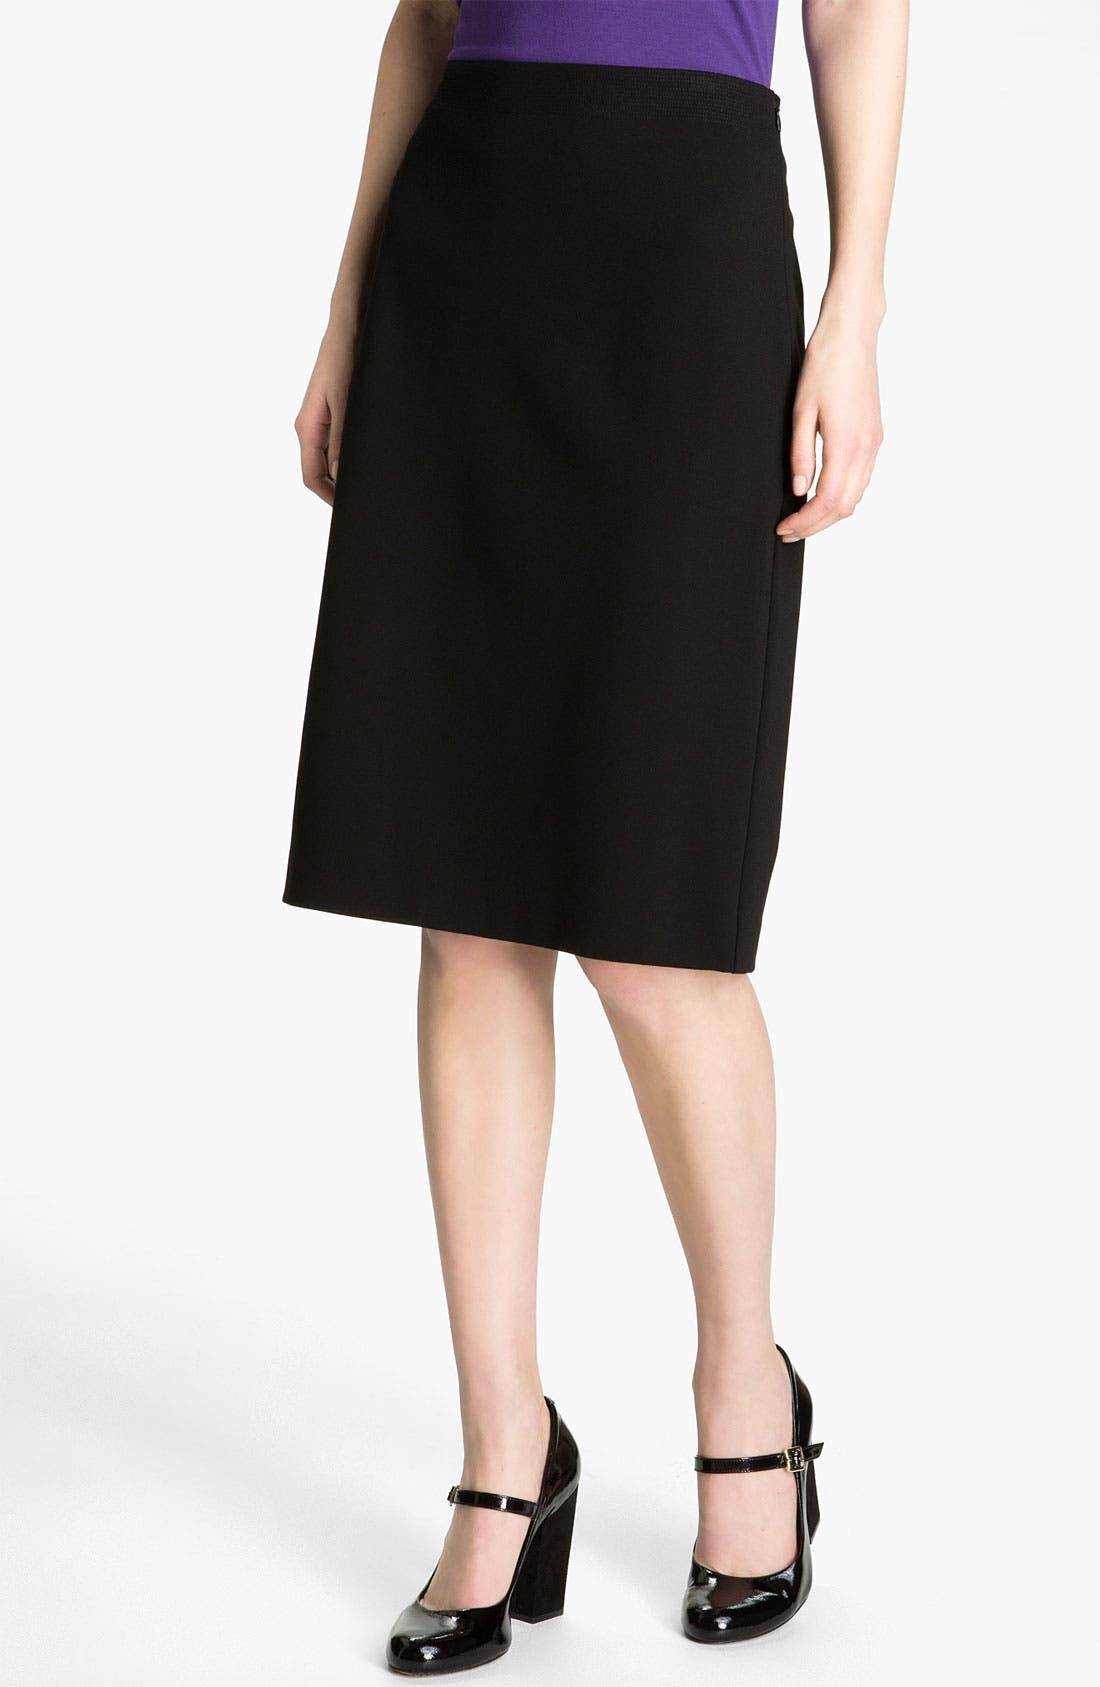 Alternate Image 1 Selected - Eileen Fisher Knit Skirt